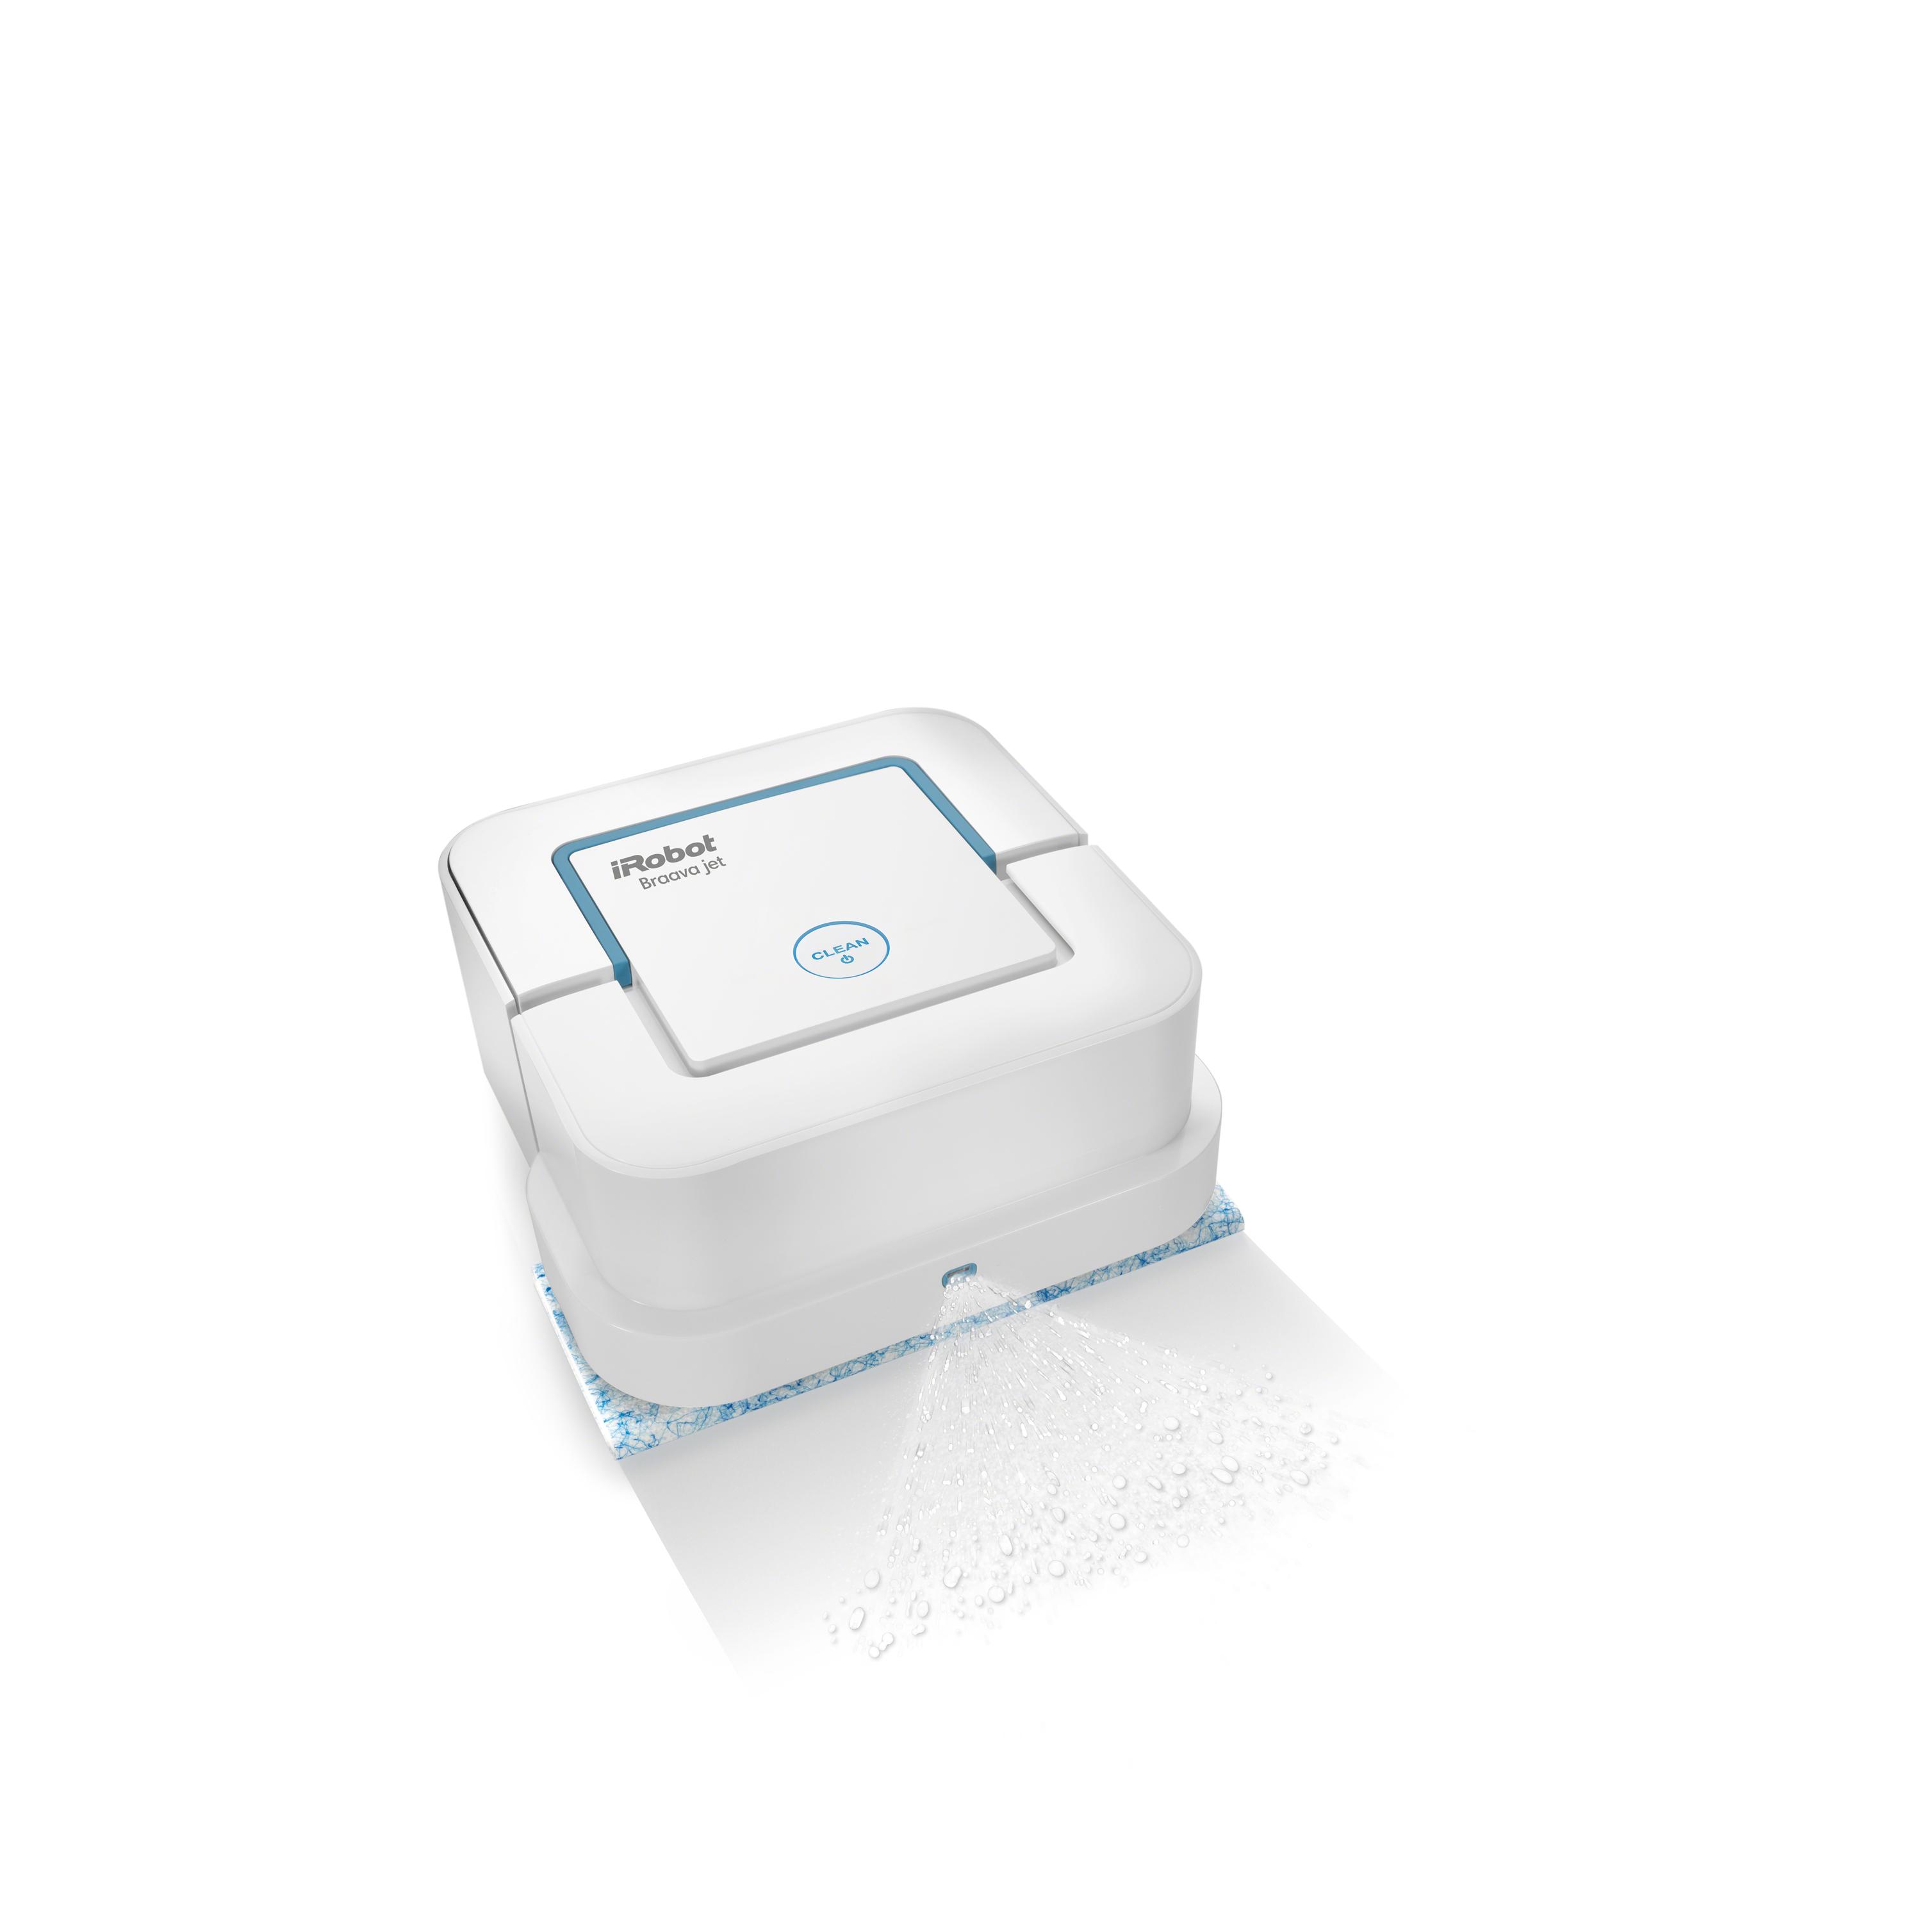 【アイロボット】床拭きロボット ブラーバ ジェット250